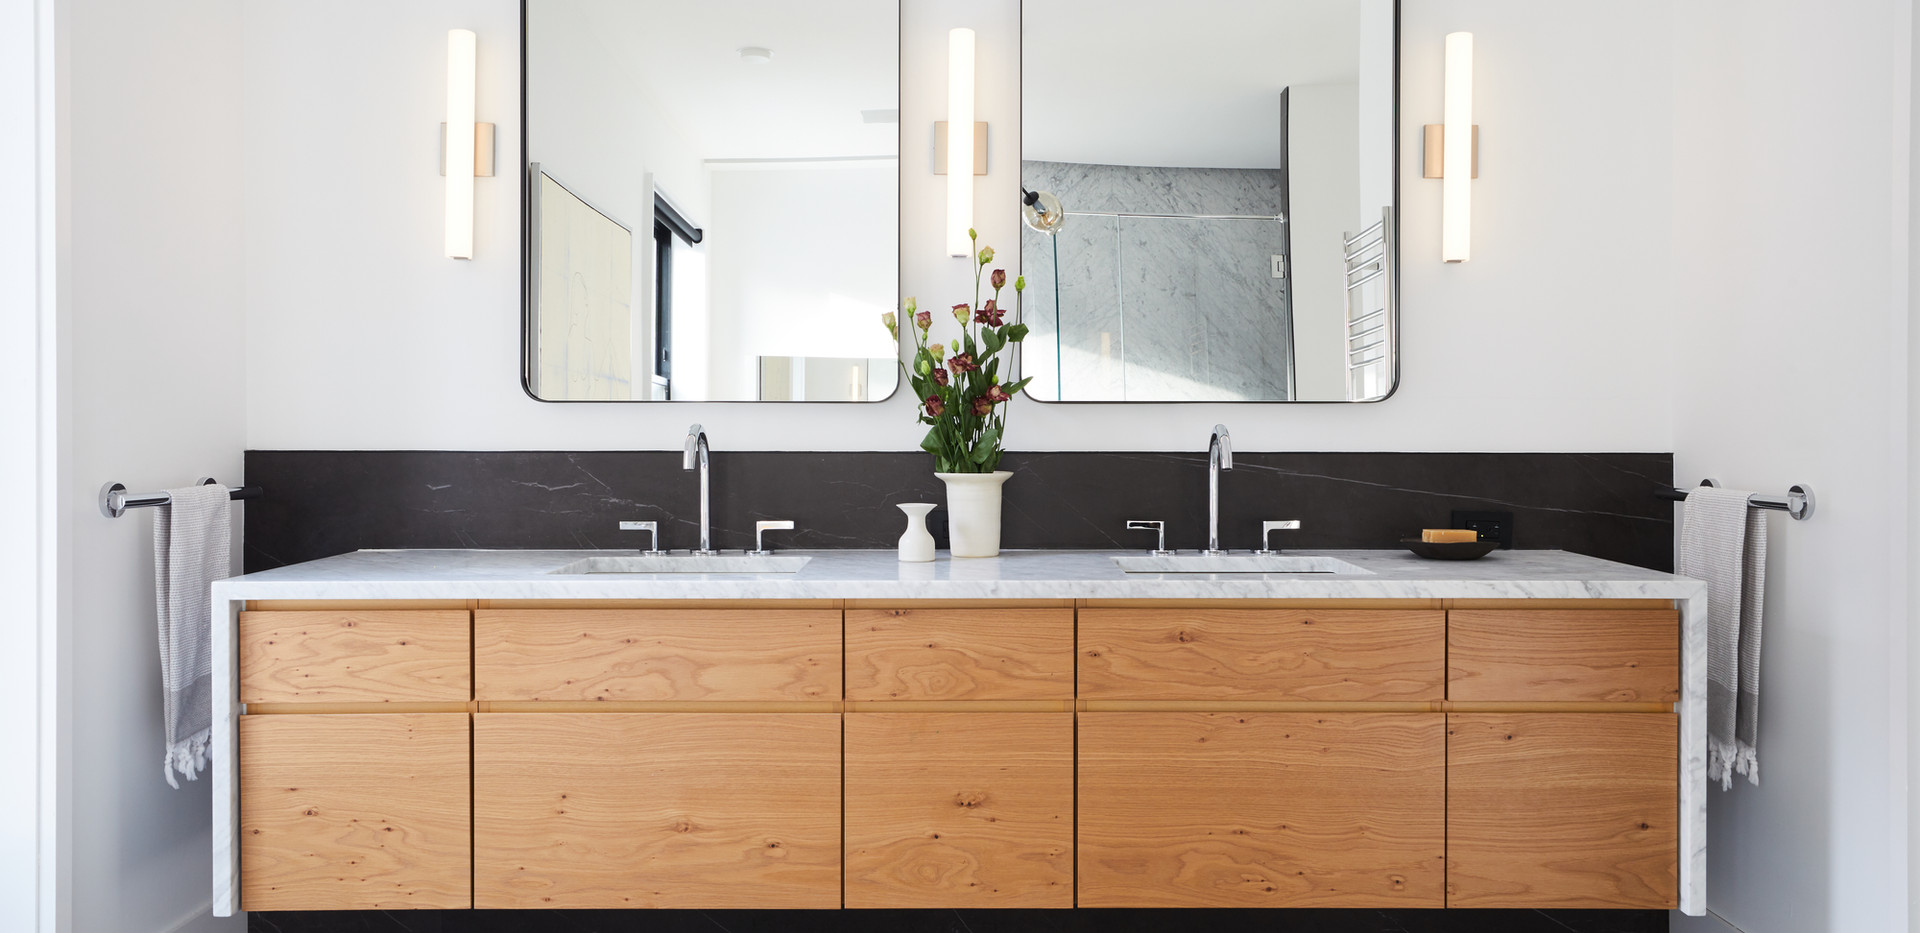 882_Carroll_Bathroom_Master_001.jpg